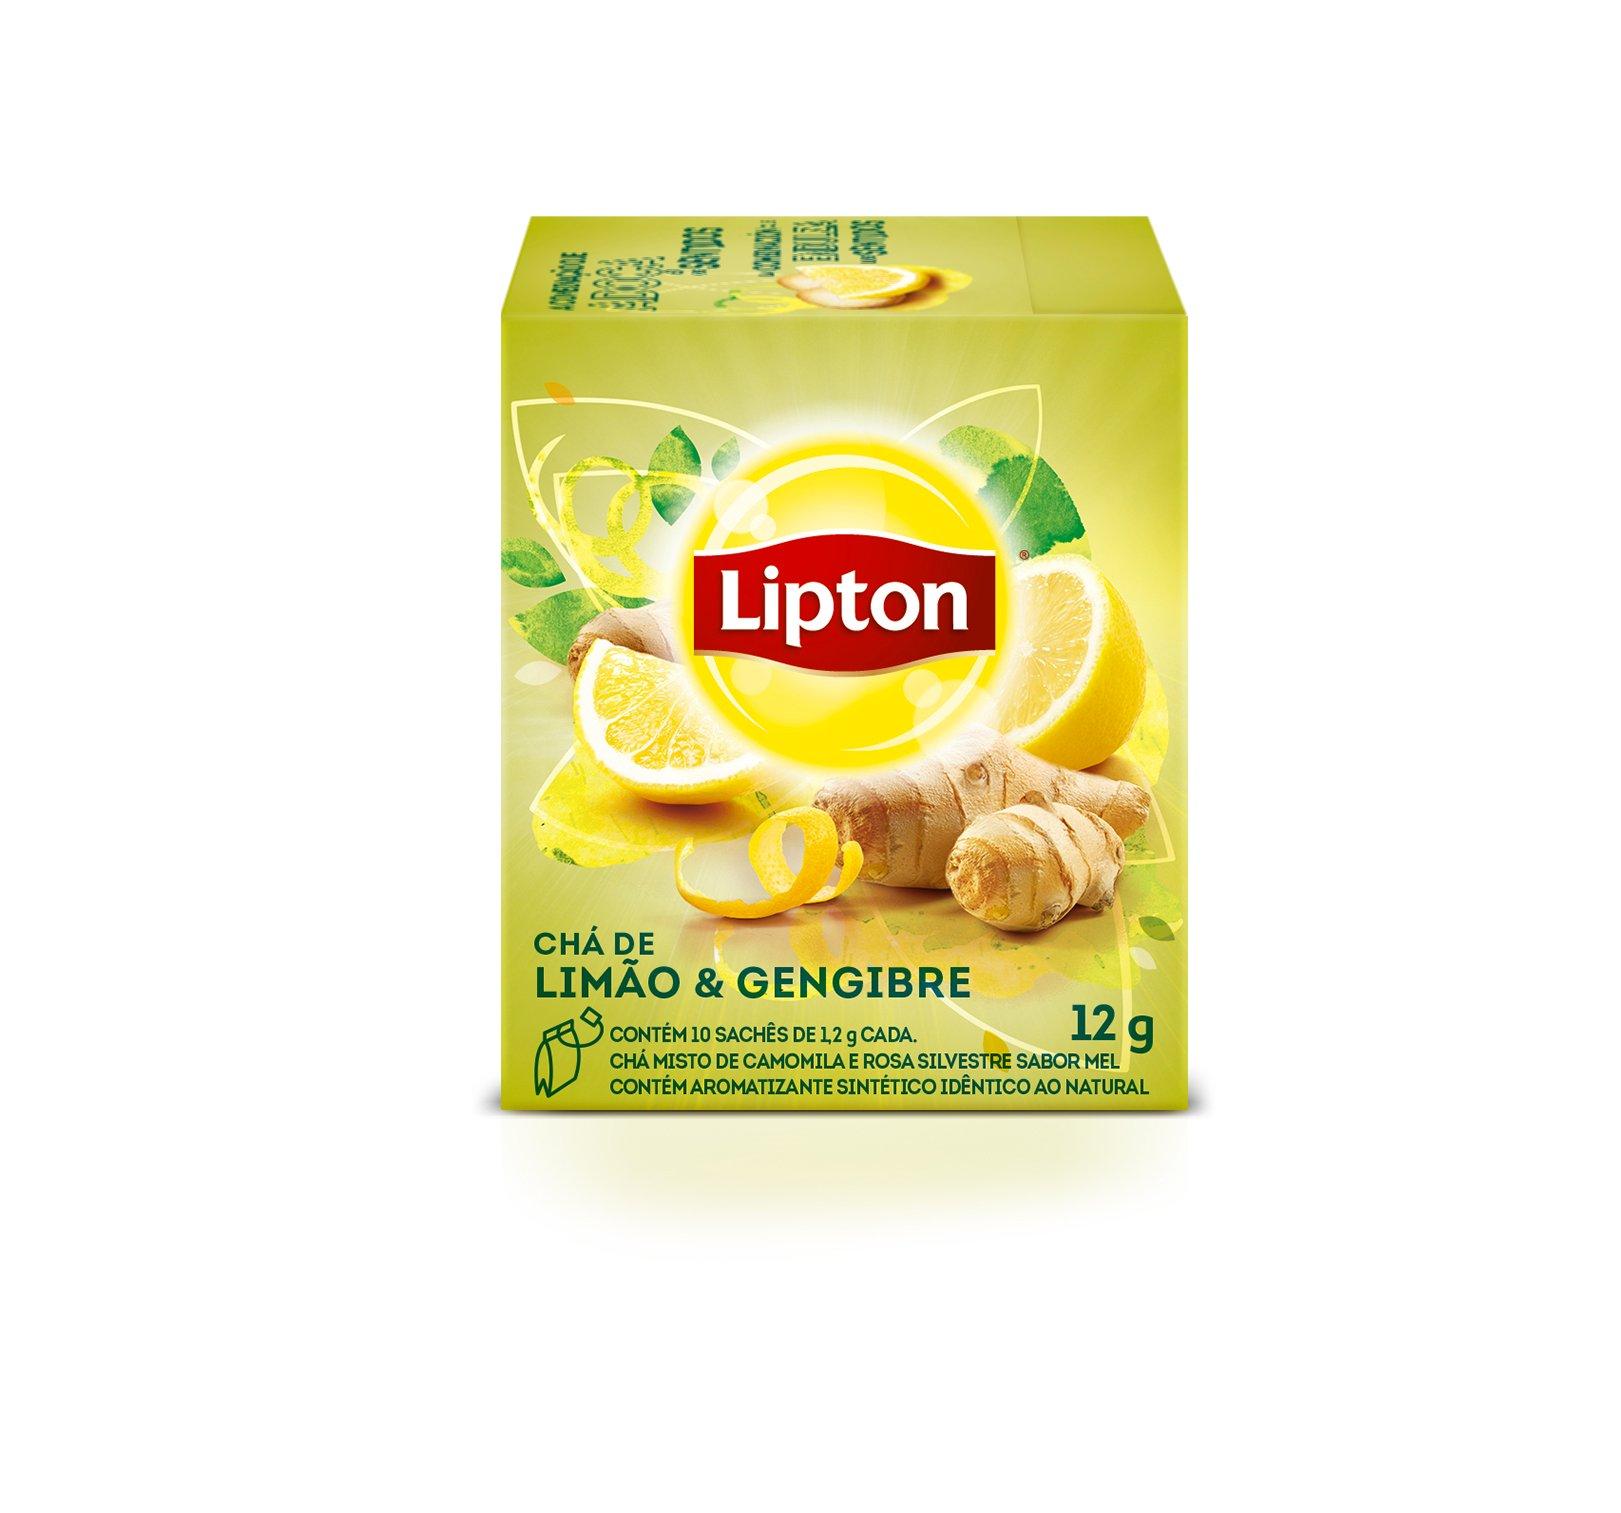 Chá Lipton - Limão e Gengibre -